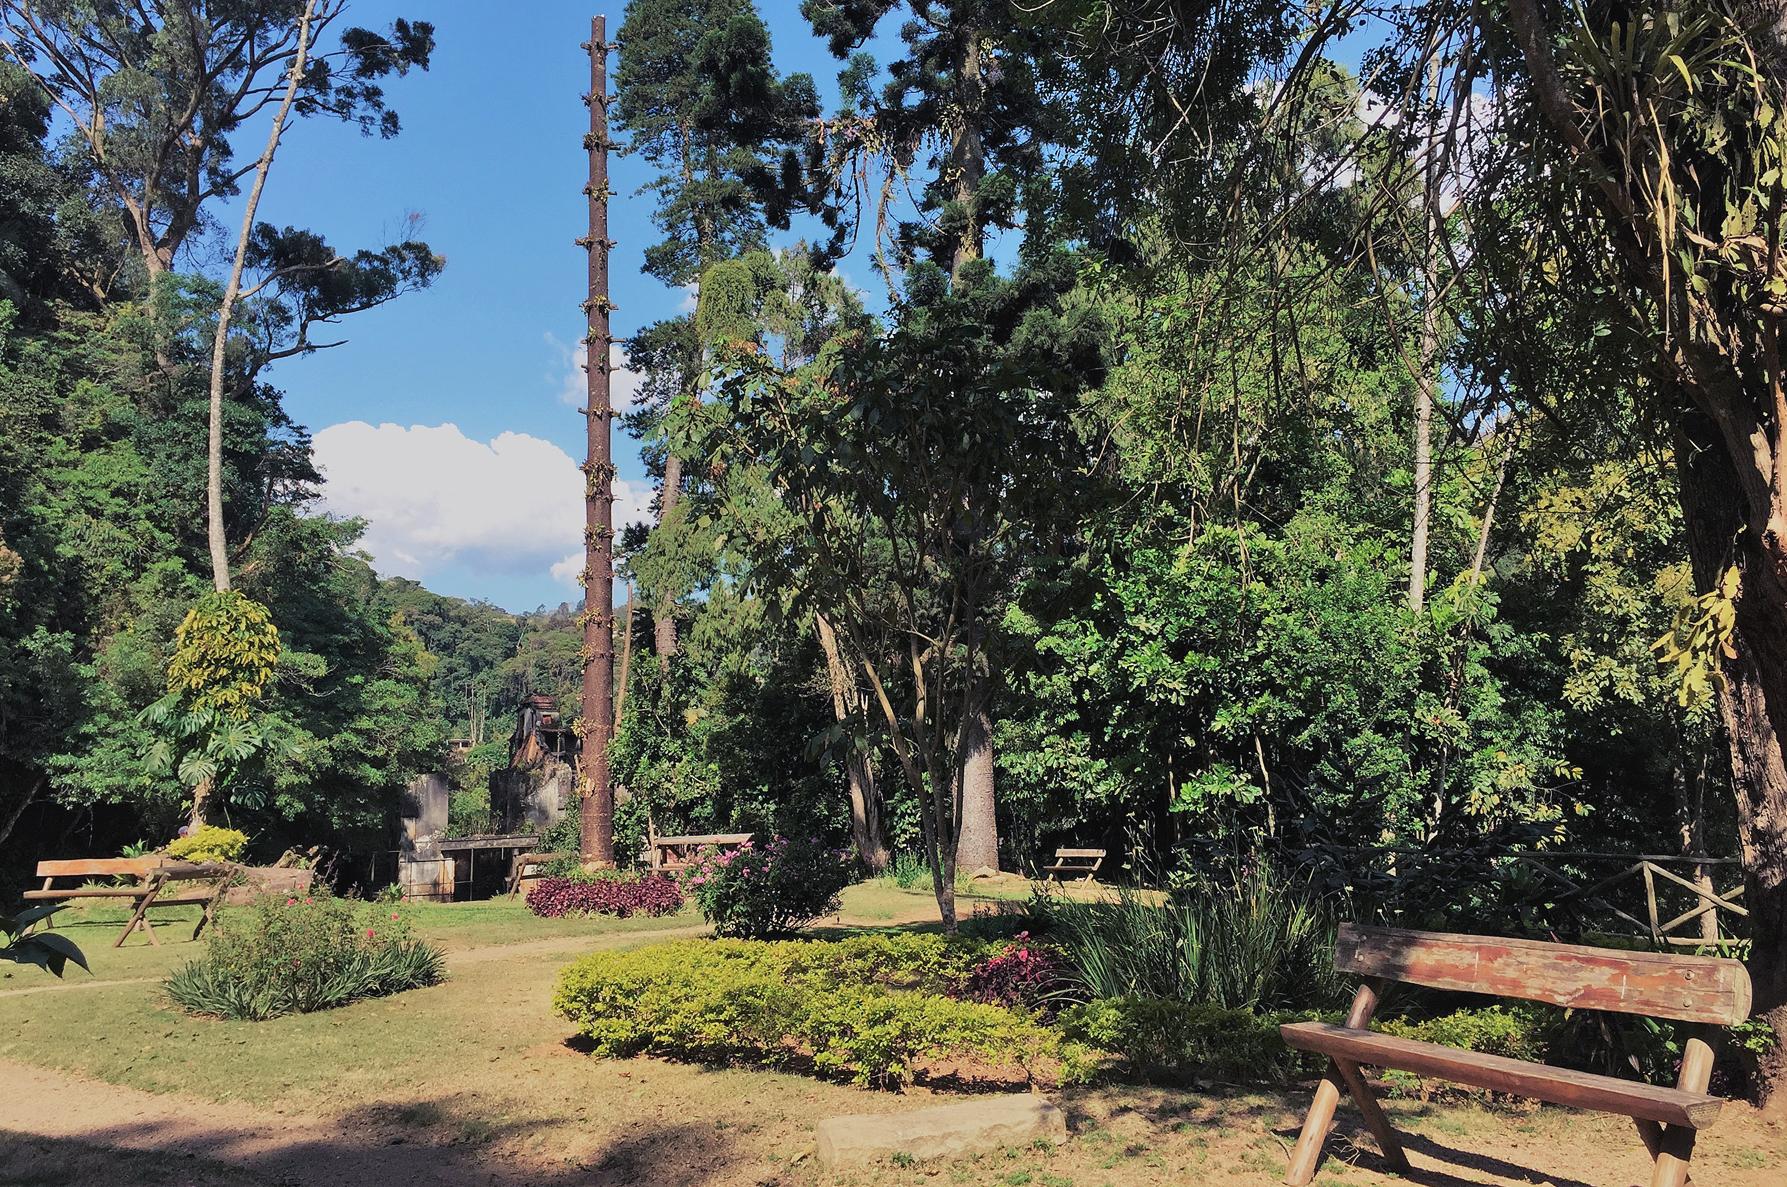 parque natural_2